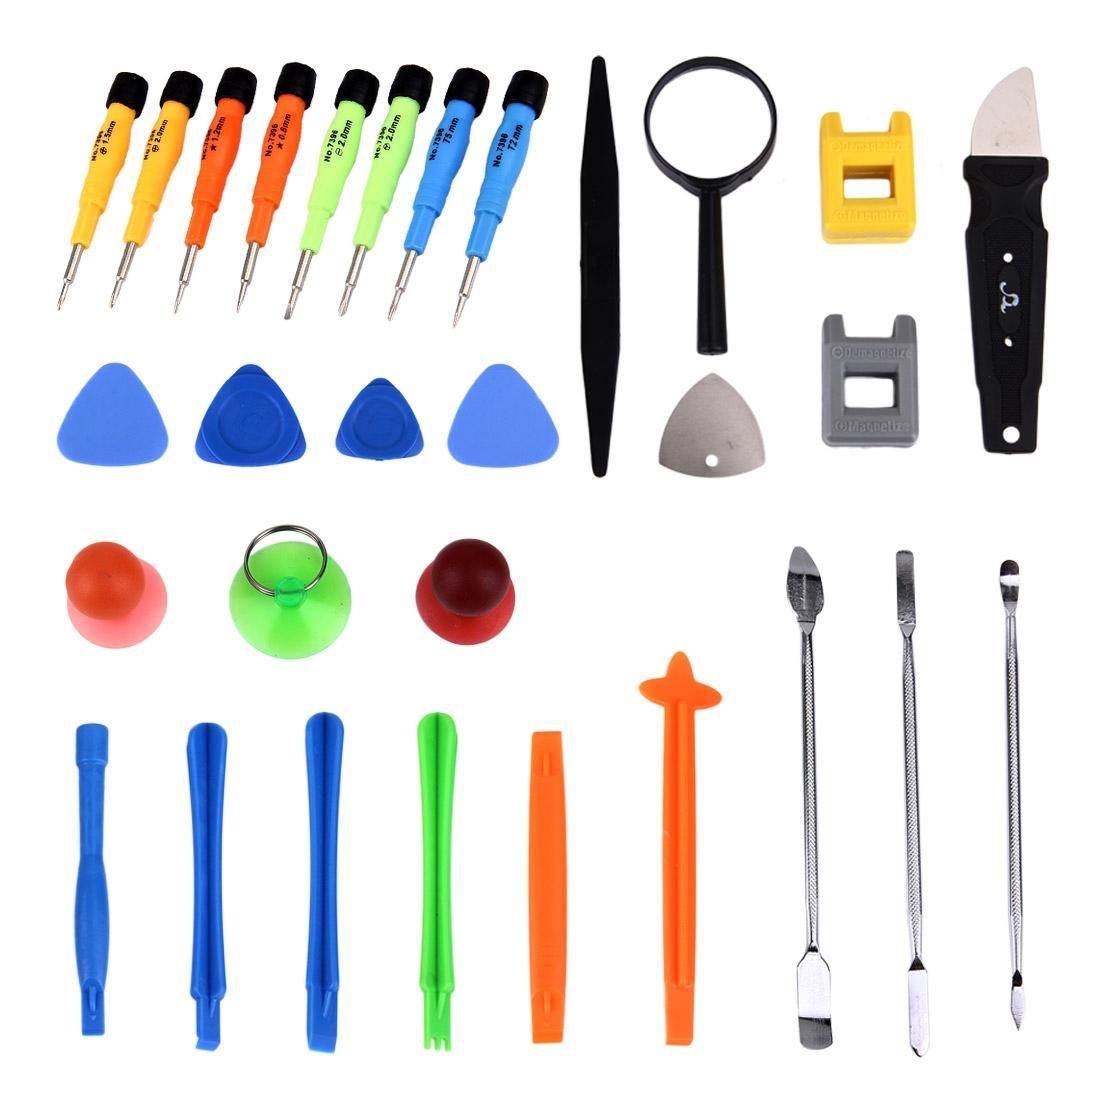 30 in 1 Professionelle Schraubendreher Reparatur Öffnen Tool Kit für Handys